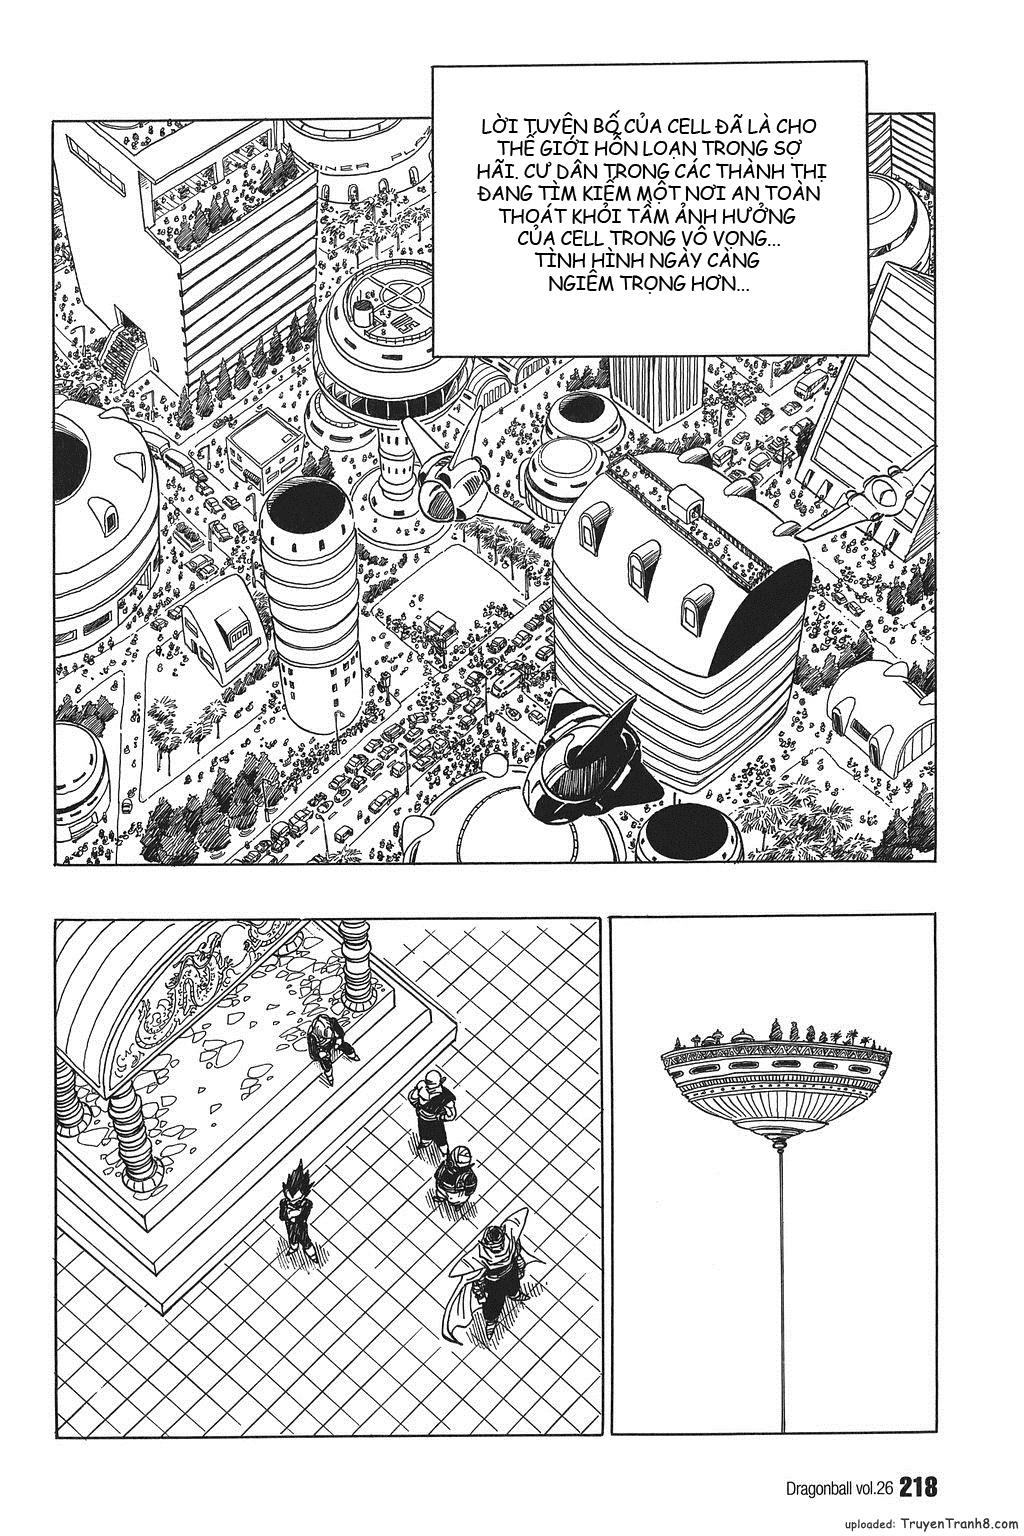 xem truyen moi - Dragon Ball Bản Vip - Bản Đẹp Nguyên Gốc Chap 390